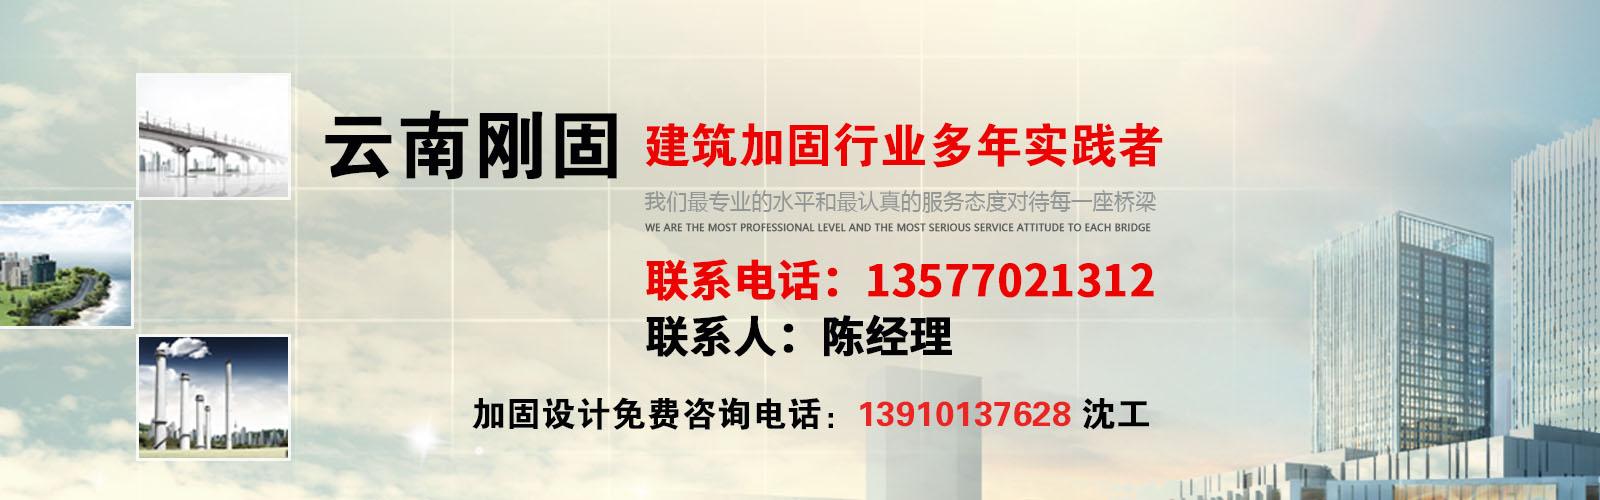 金沙js333备用地址